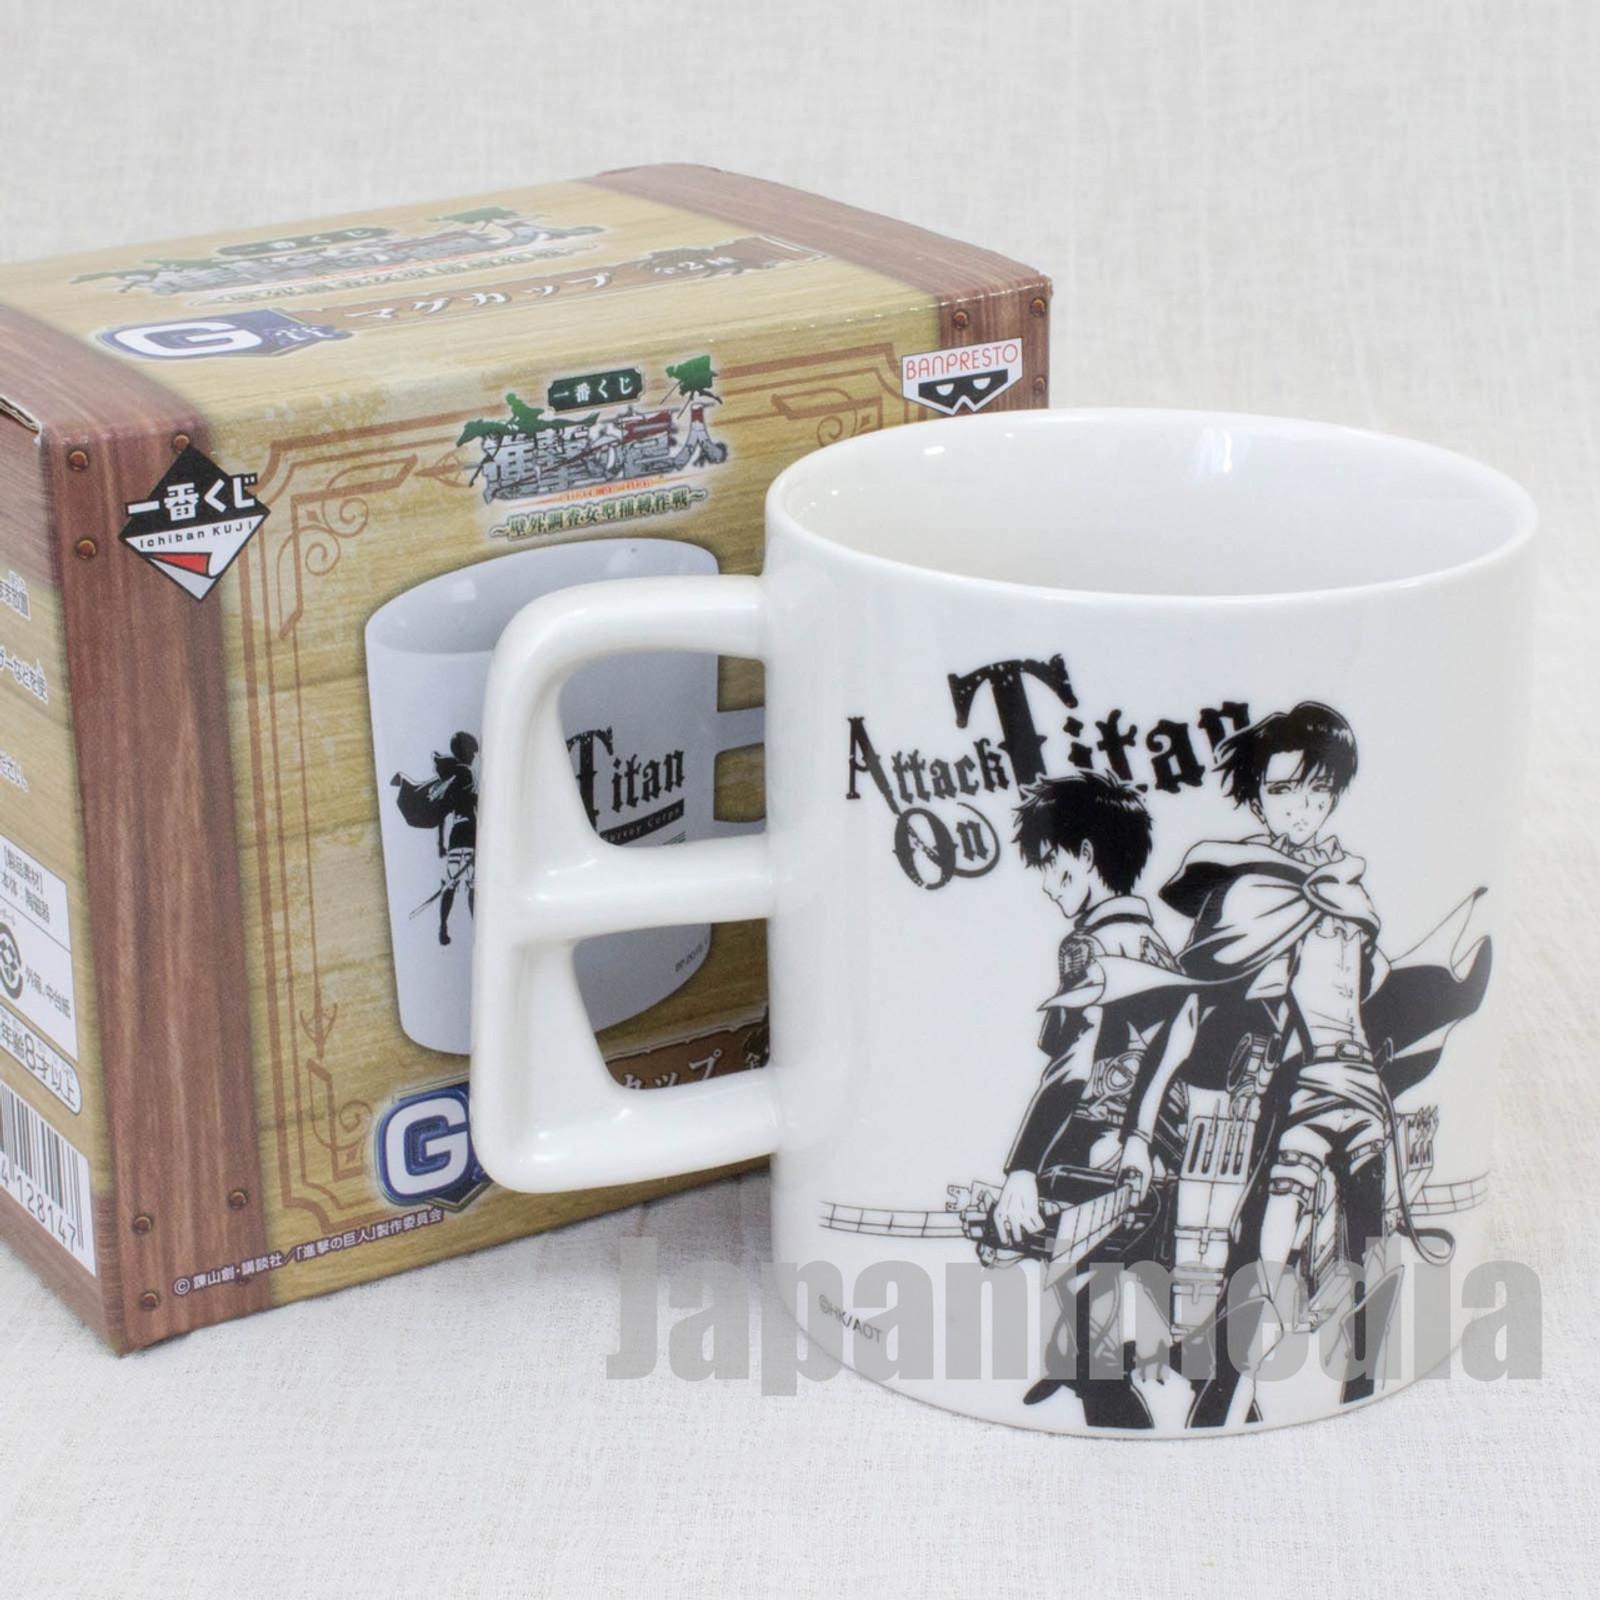 Attack on Titan Mug Eren Yeager & Levi Banpresto JAPAN ANIME MANGA